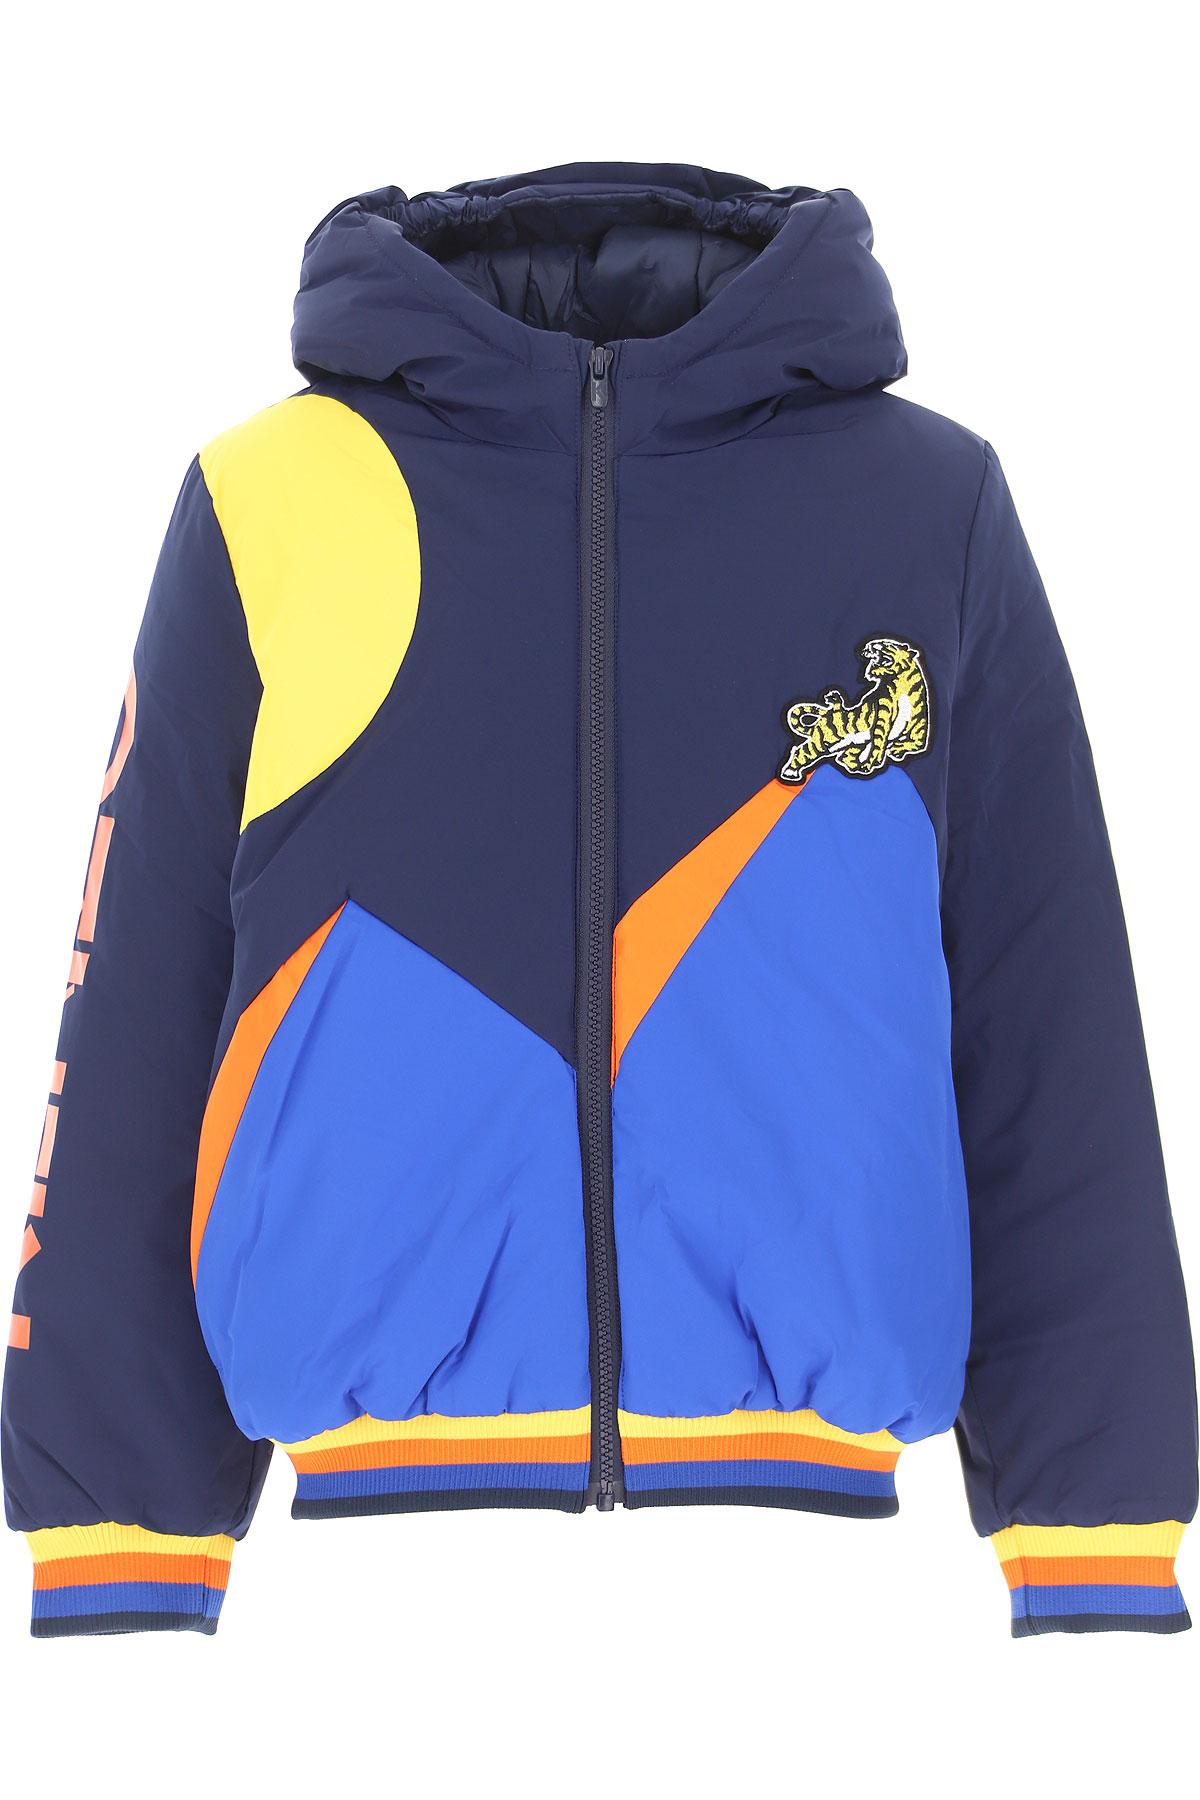 Kenzo Boys Down Jacket for Kids, Puffer Ski Jacket On Sale, Midnight Blue, polyamide, 2019, 10Y 14Y 8Y